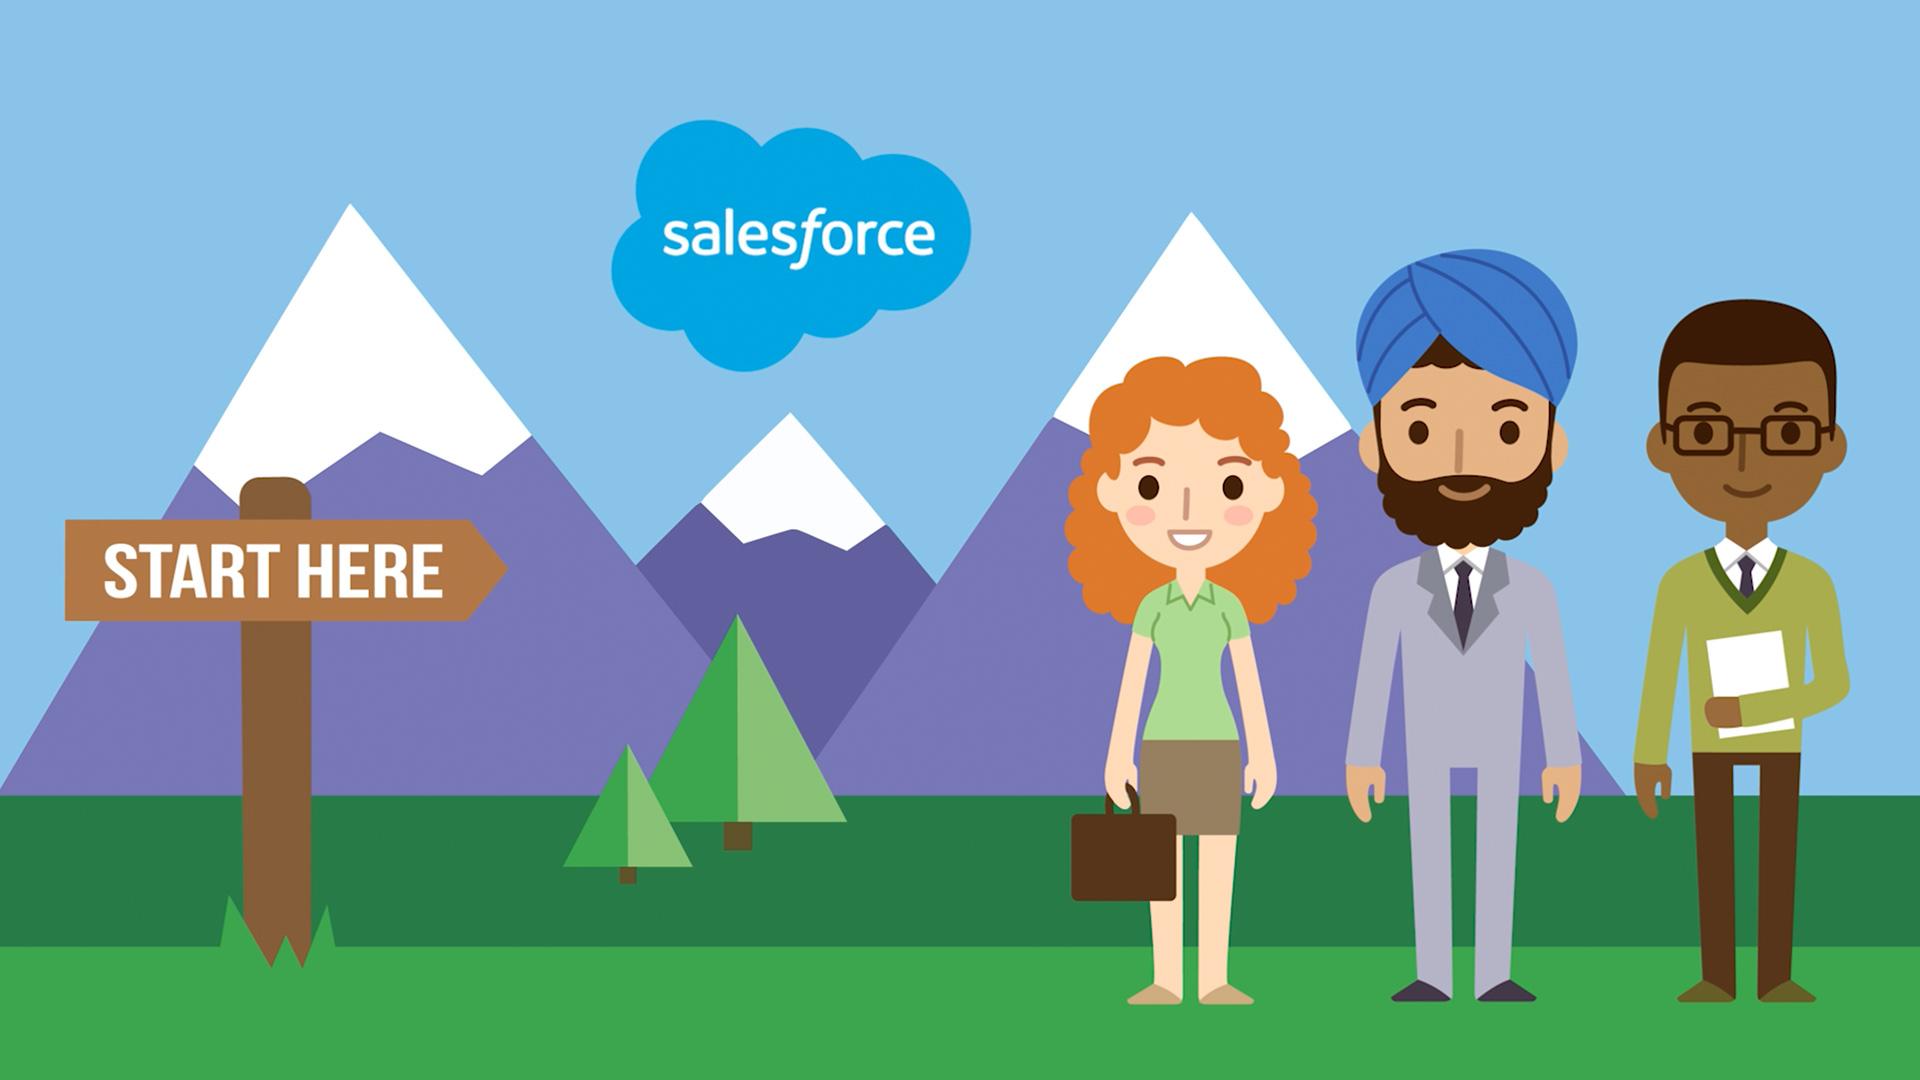 Salesforce - ANIMATION • ILLUSTRATION